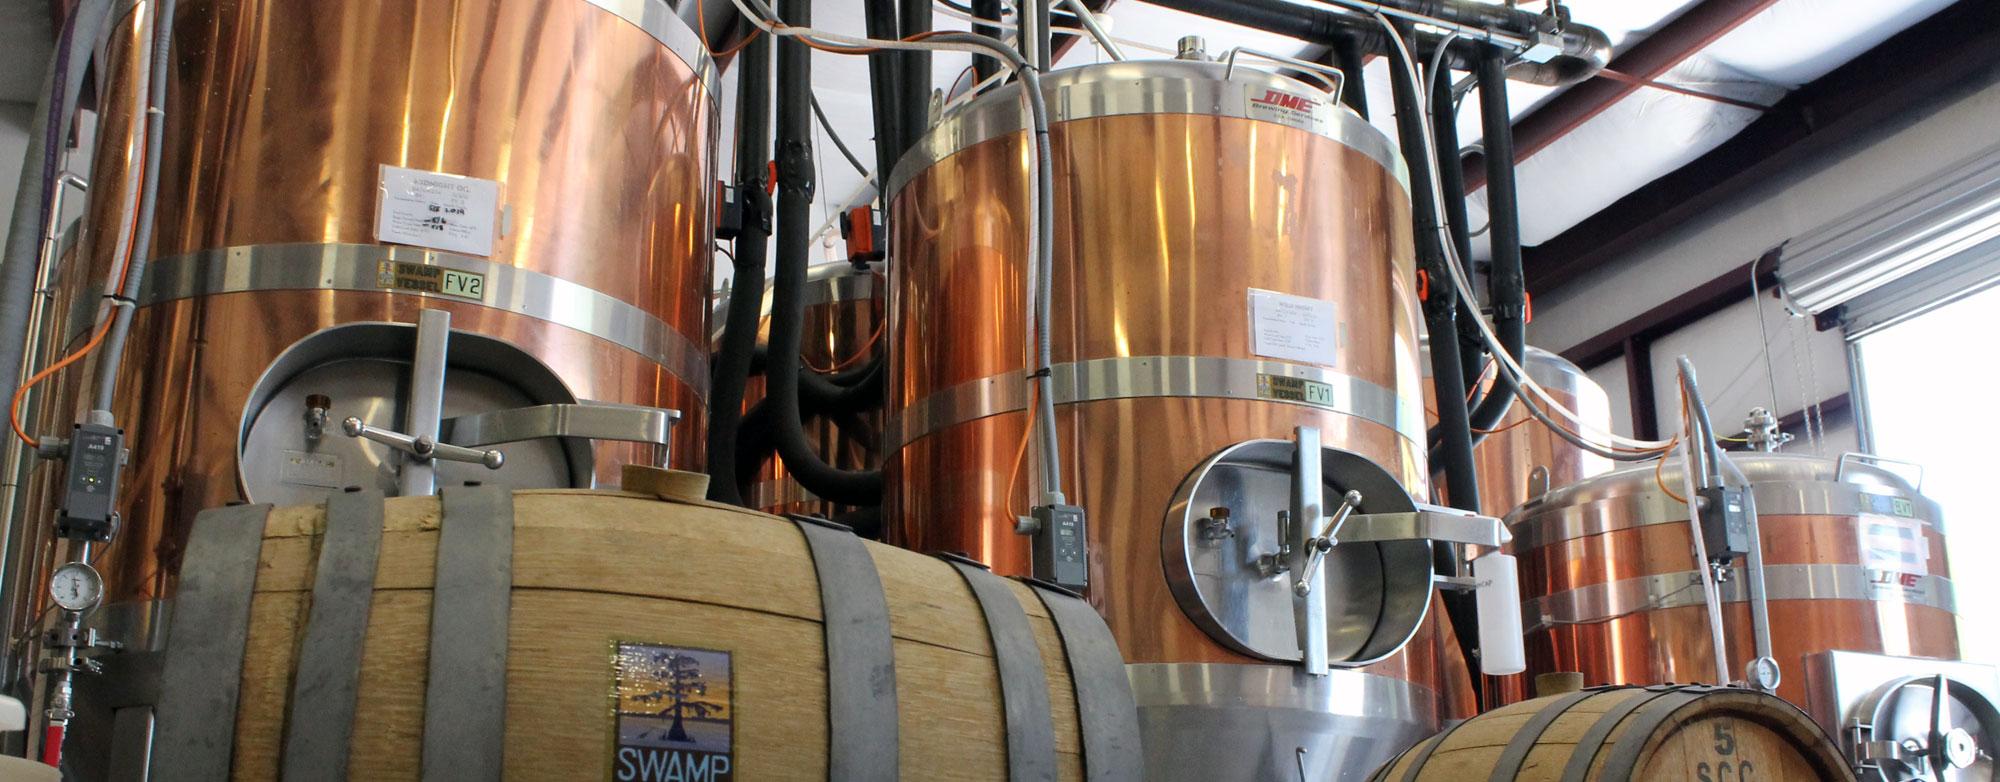 Мини пивзавод пивоварня як зробити самогонный аппарат